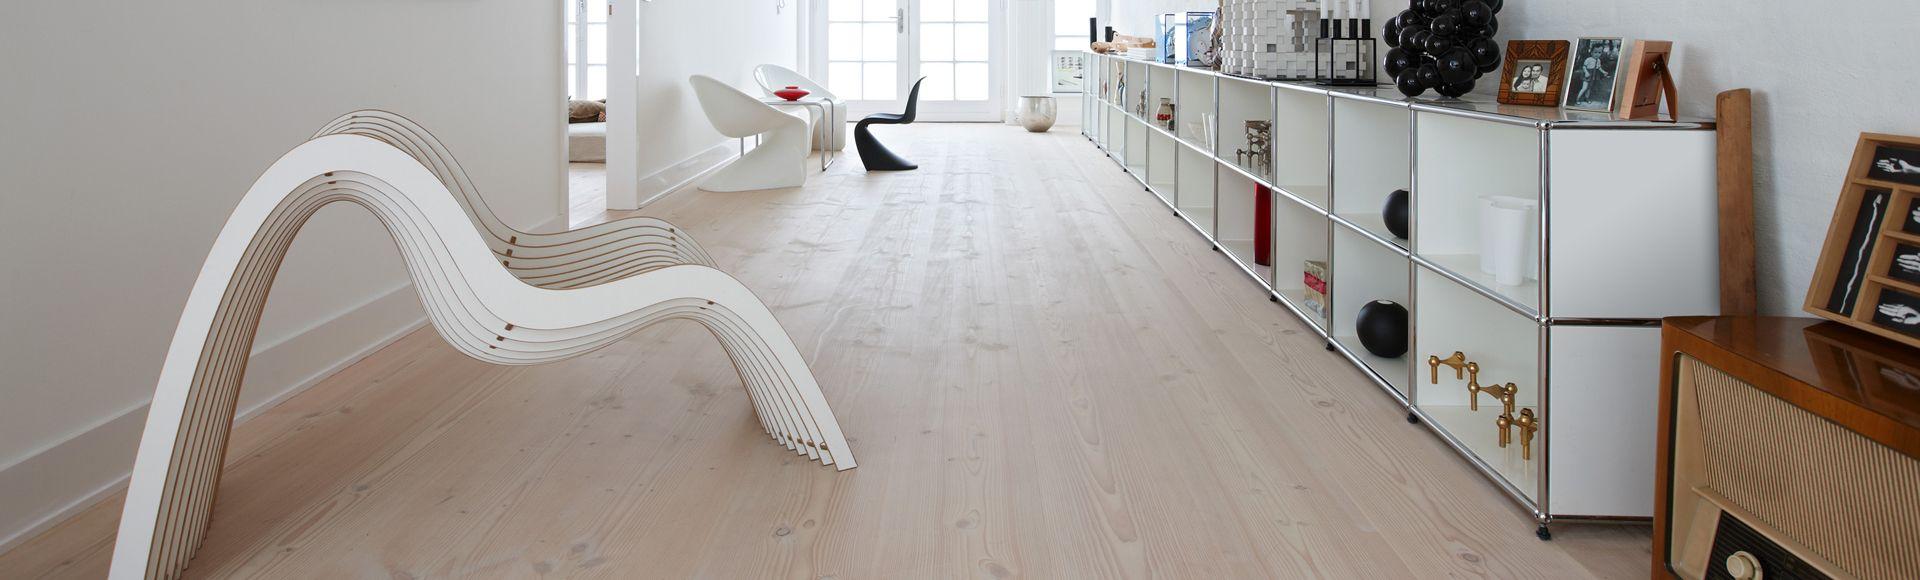 douglasie dielen von pur natur f r ihren dielenboden pur natur parquet pinterest. Black Bedroom Furniture Sets. Home Design Ideas